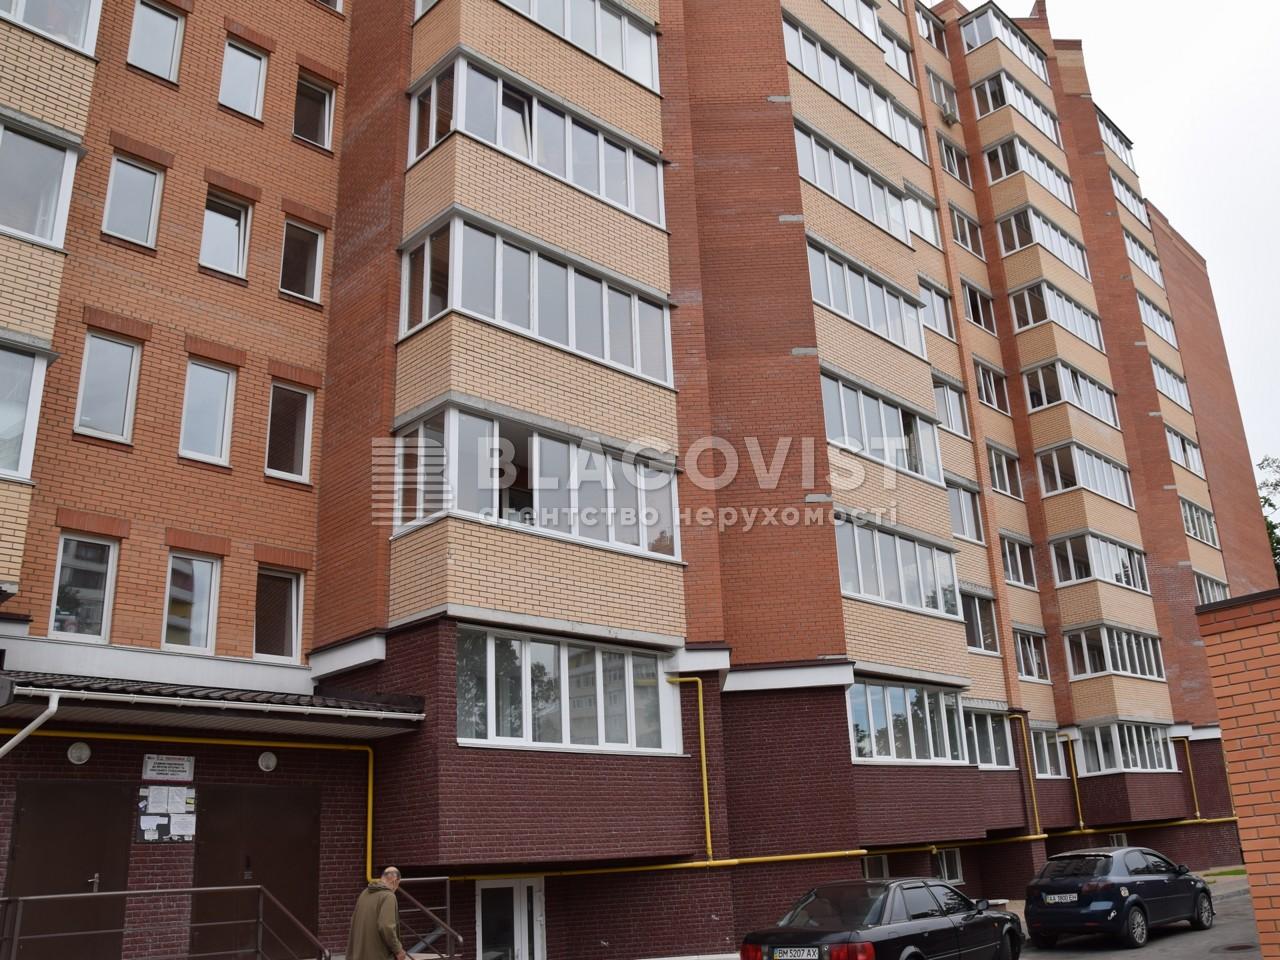 Квартира F-38154, Новооскольская, 10в, Ирпень - Фото 1